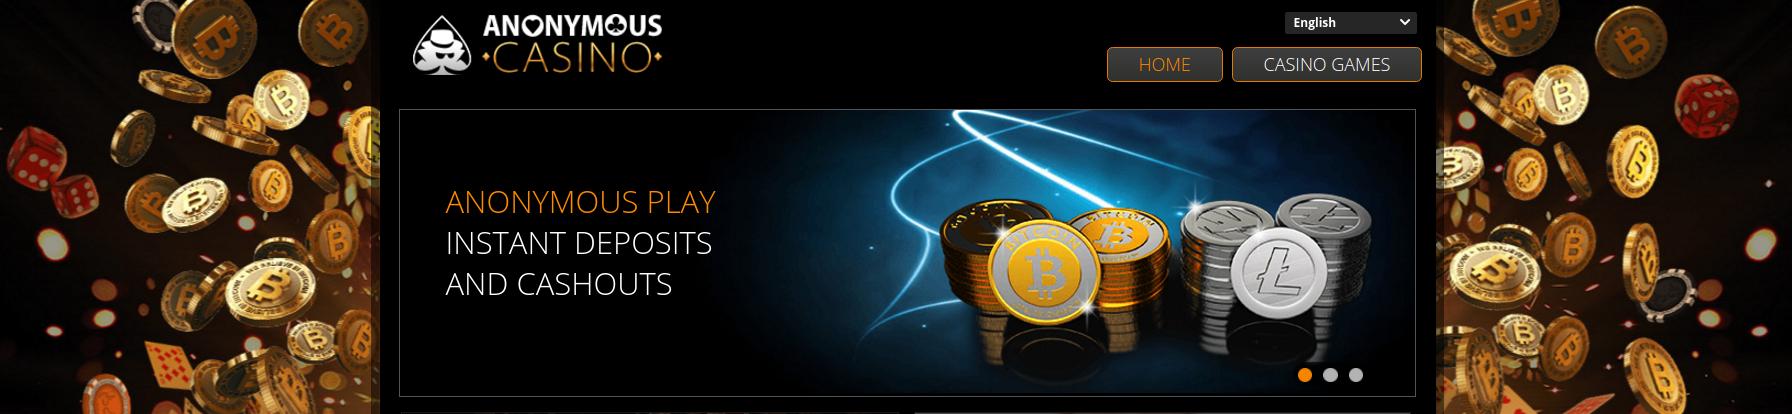 Casino Bitcoin Cashout -24488